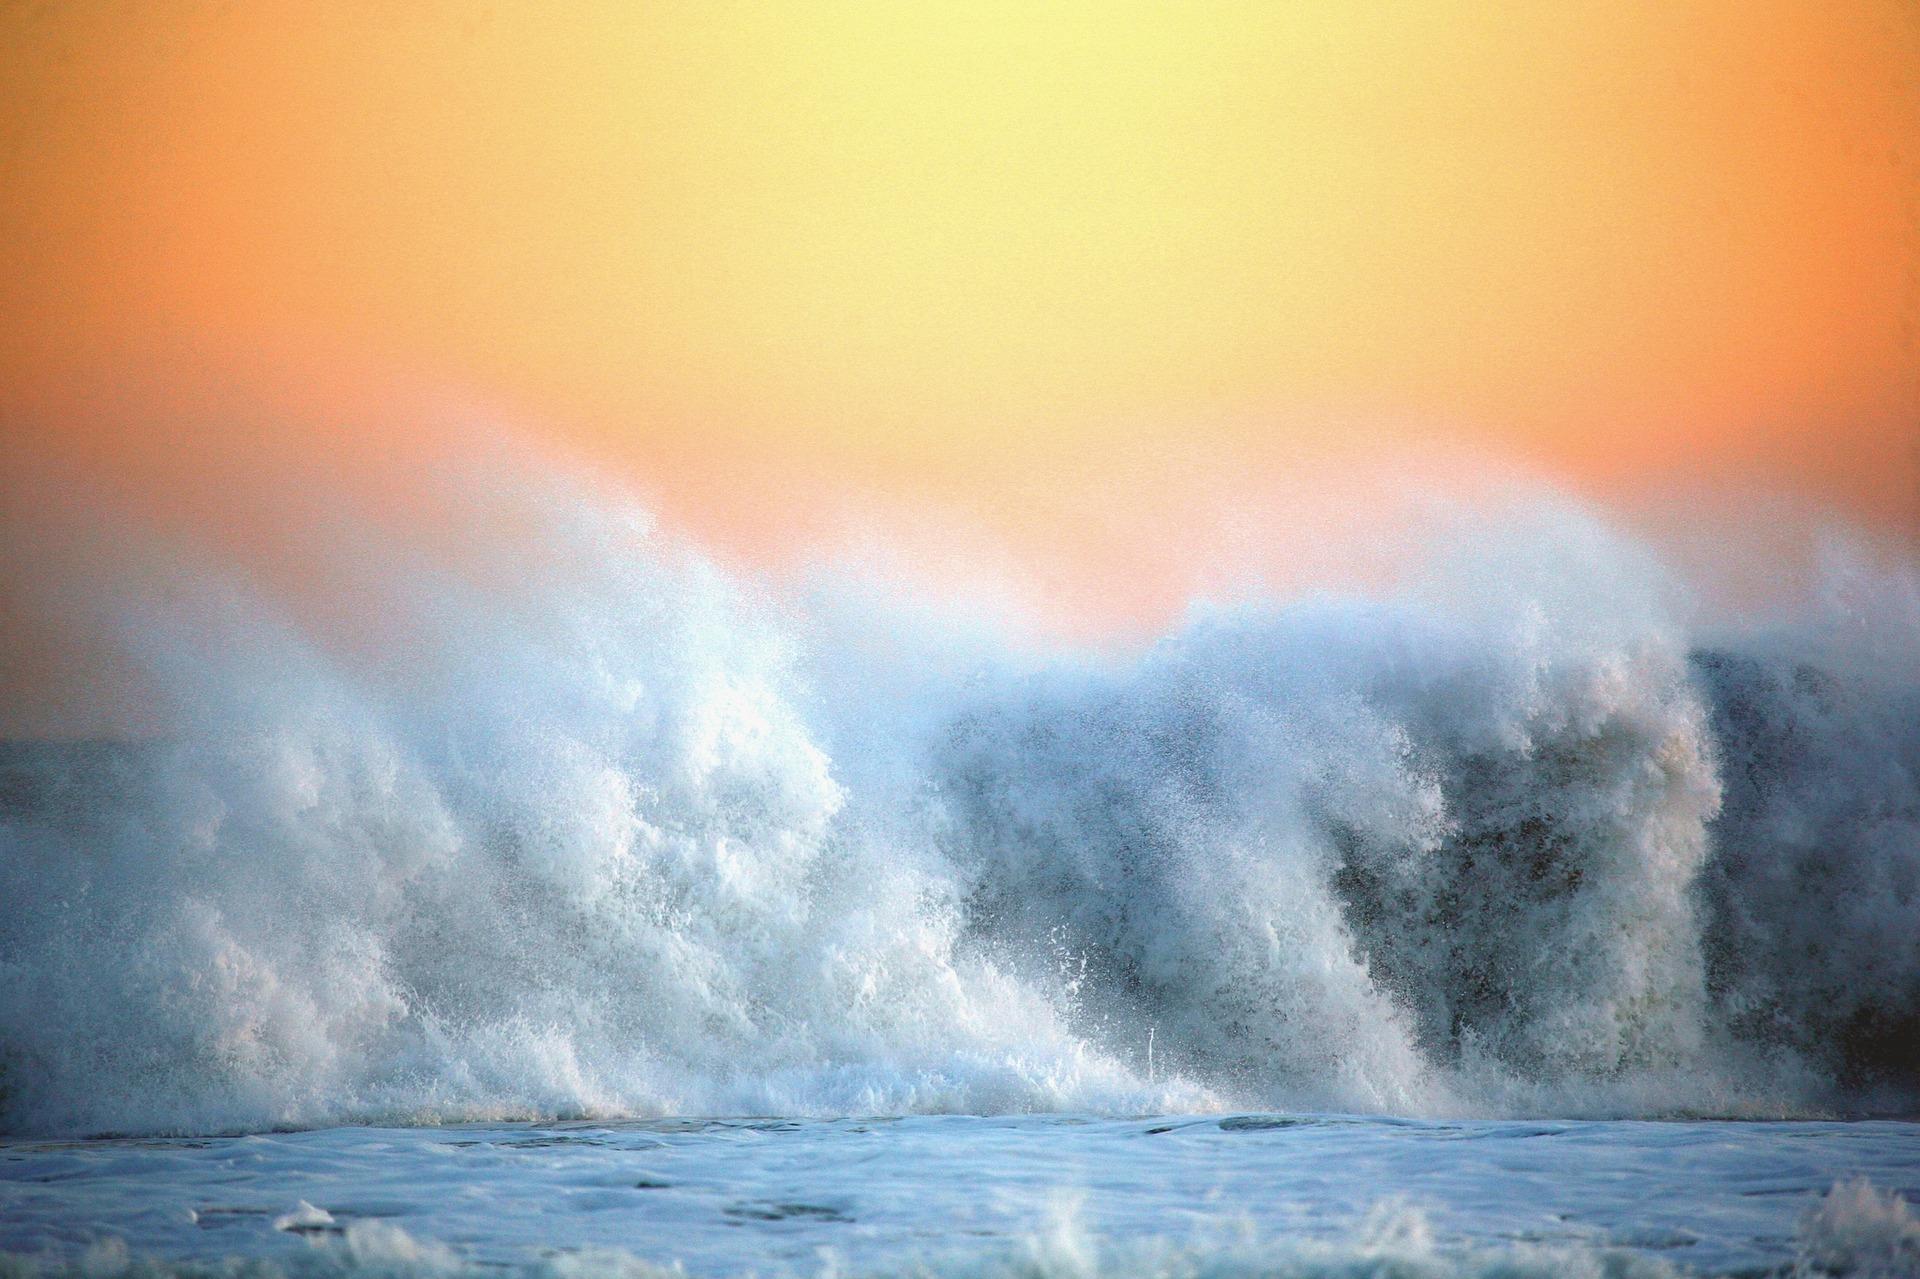 Imagem de uma grande onda no mar